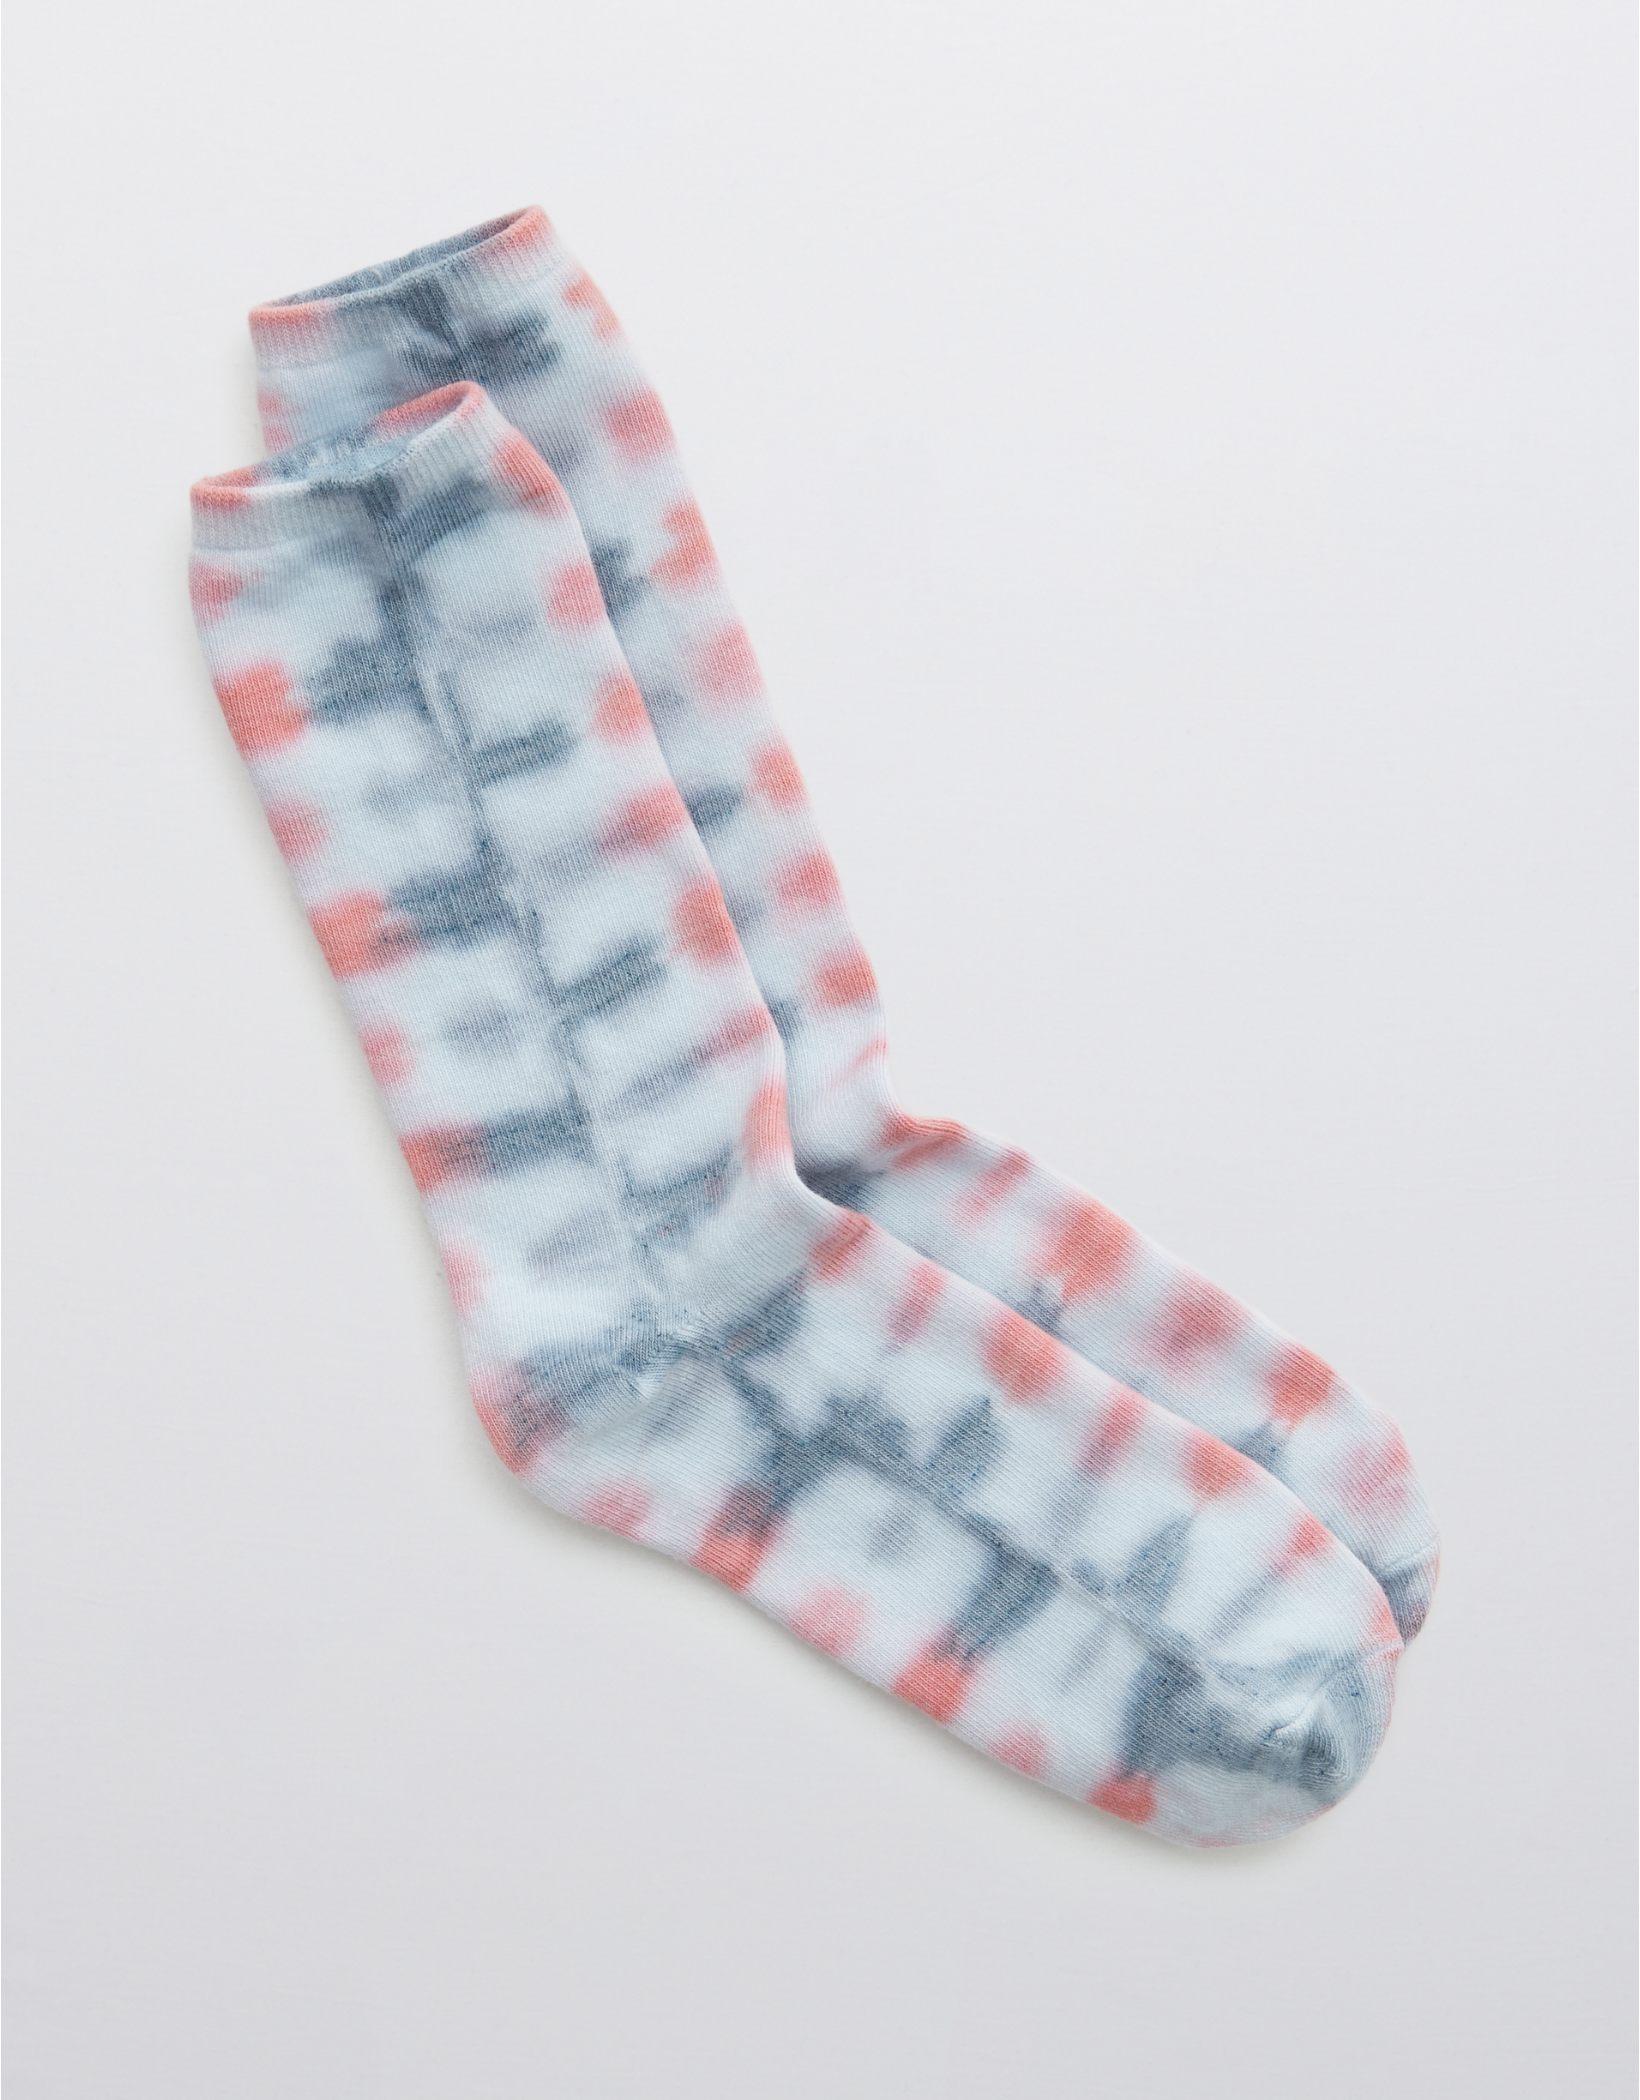 Aerie Tie Dye Crew Socks